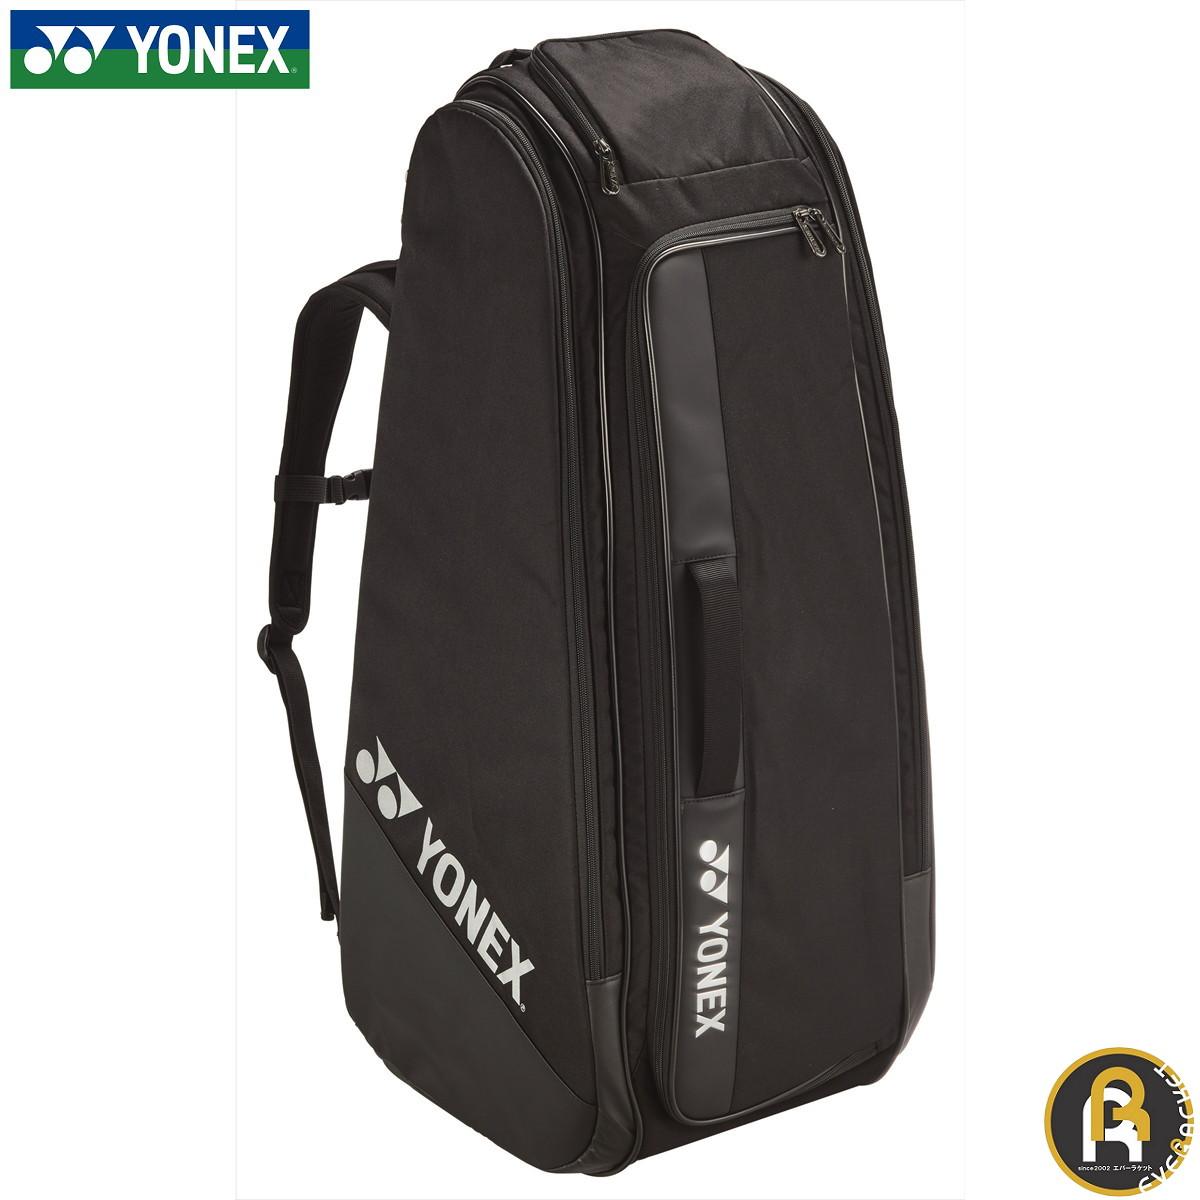 ヨネックス YONEX バッグ スタンドバッグ BAG2013 バドミントン・テニス